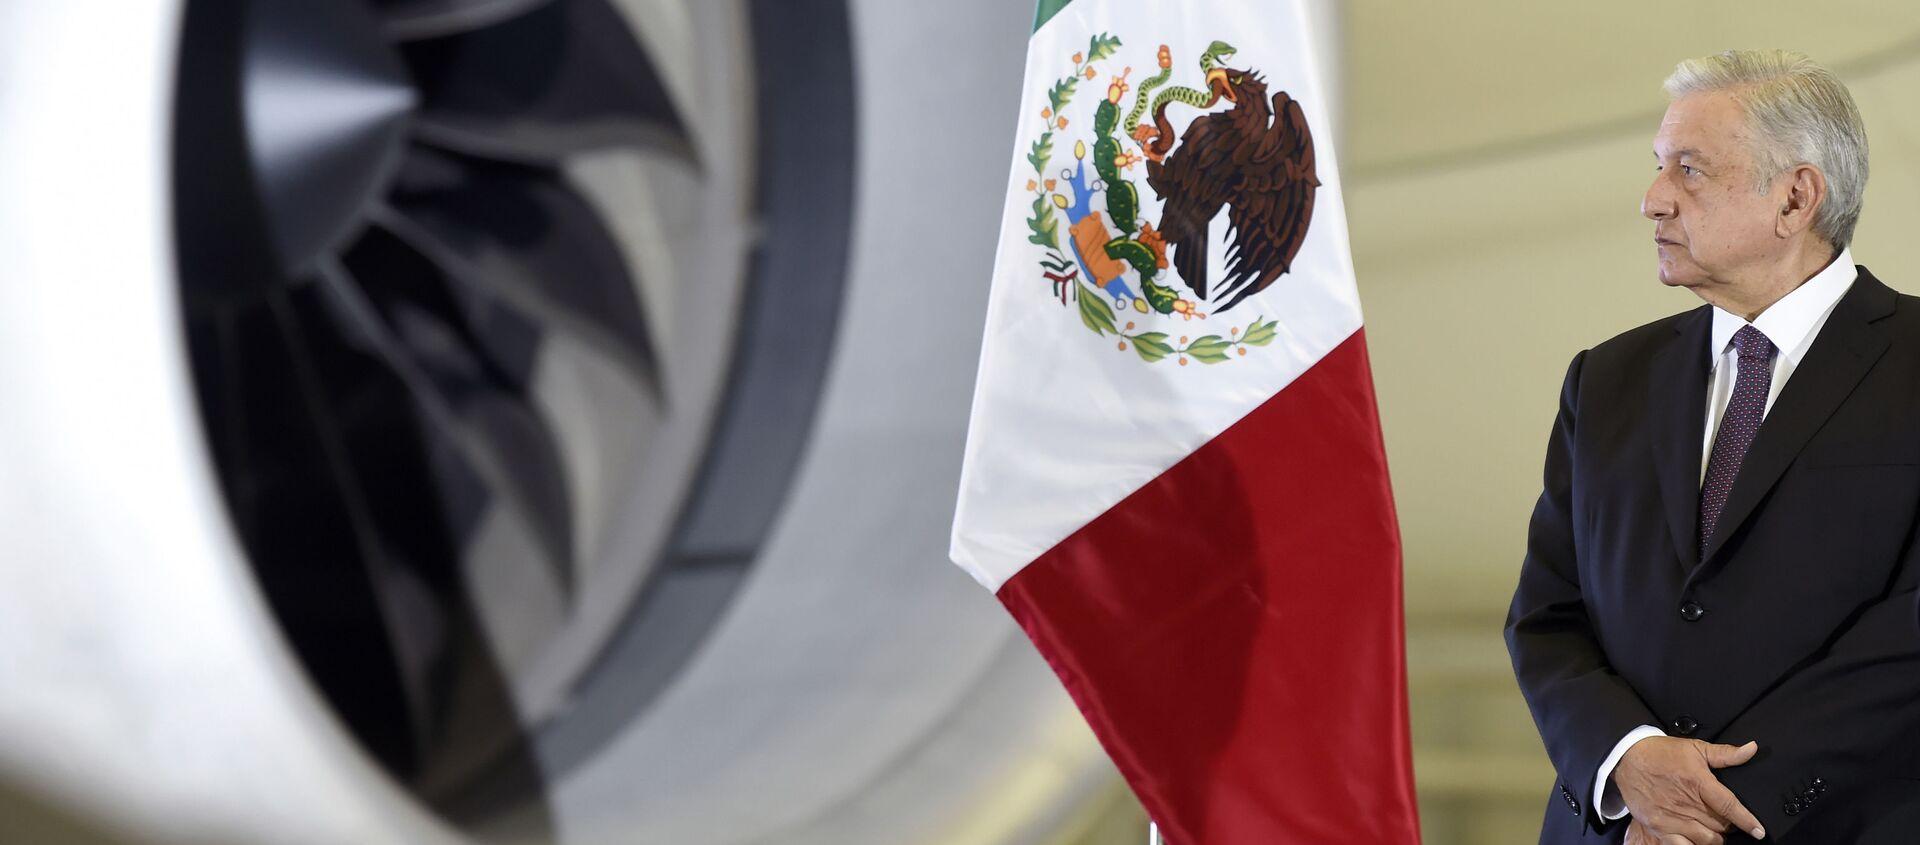 El presidente de México, Andrés Manuel López Obrador, al lado del avión presidencial el Boeing 787 José María Morelos y Pavón - Sputnik Mundo, 1920, 30.12.2020